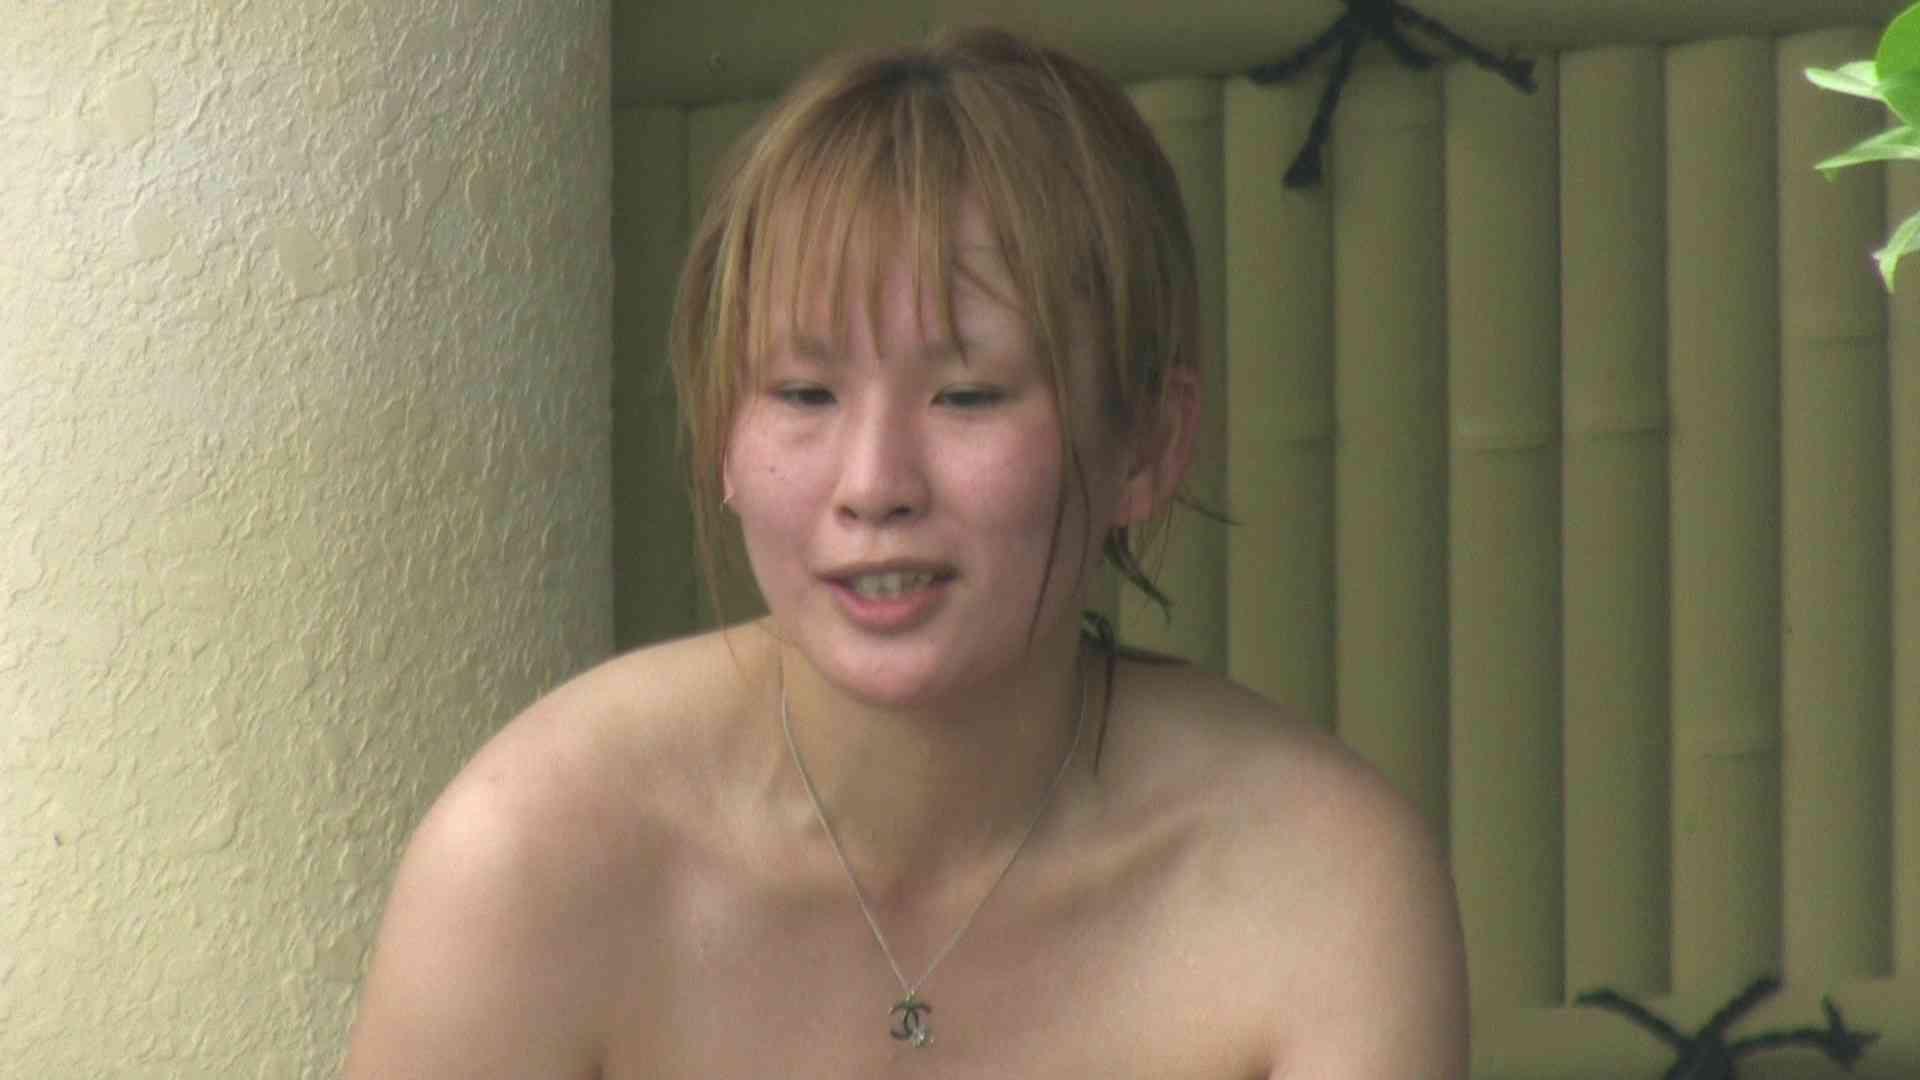 Aquaな露天風呂Vol.17【VIP】 盗撮シリーズ  98PIX 28